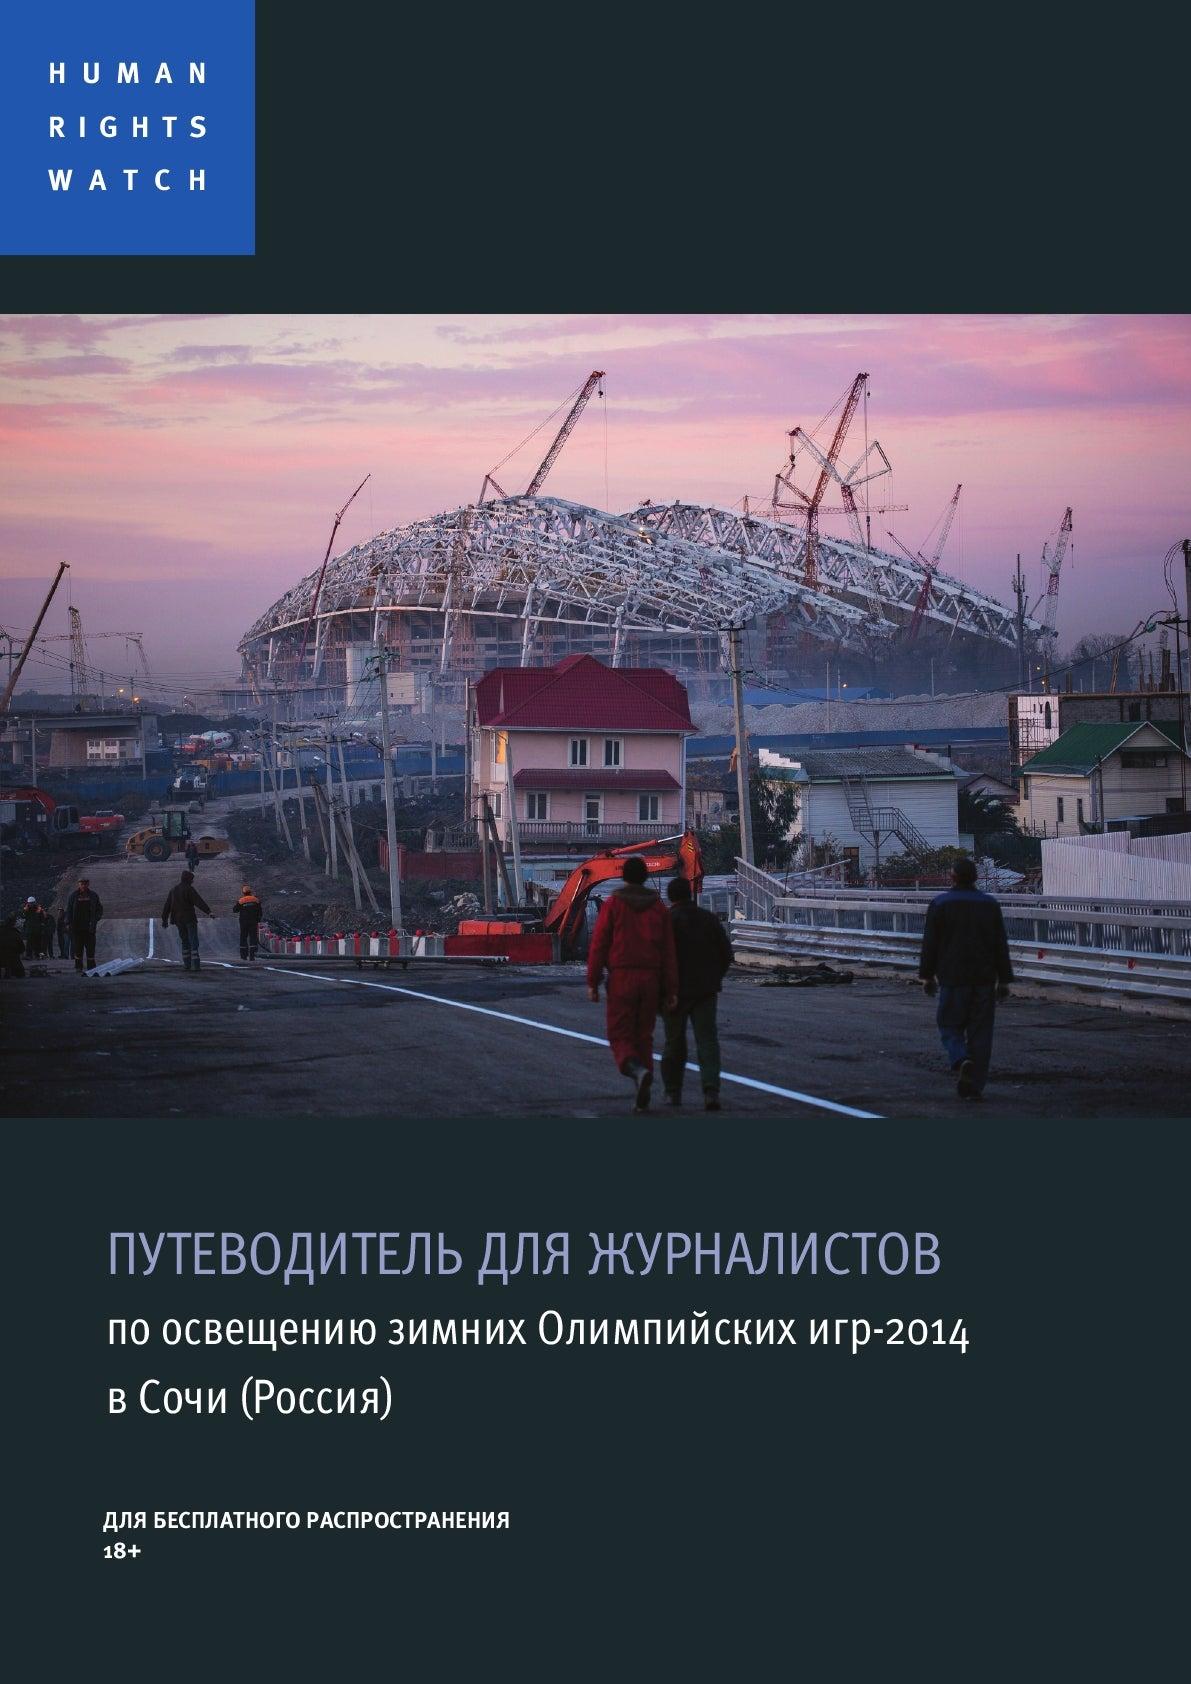 Руководство для журналистов по освещению зимних Олимпийских игр-2014 в Сочи